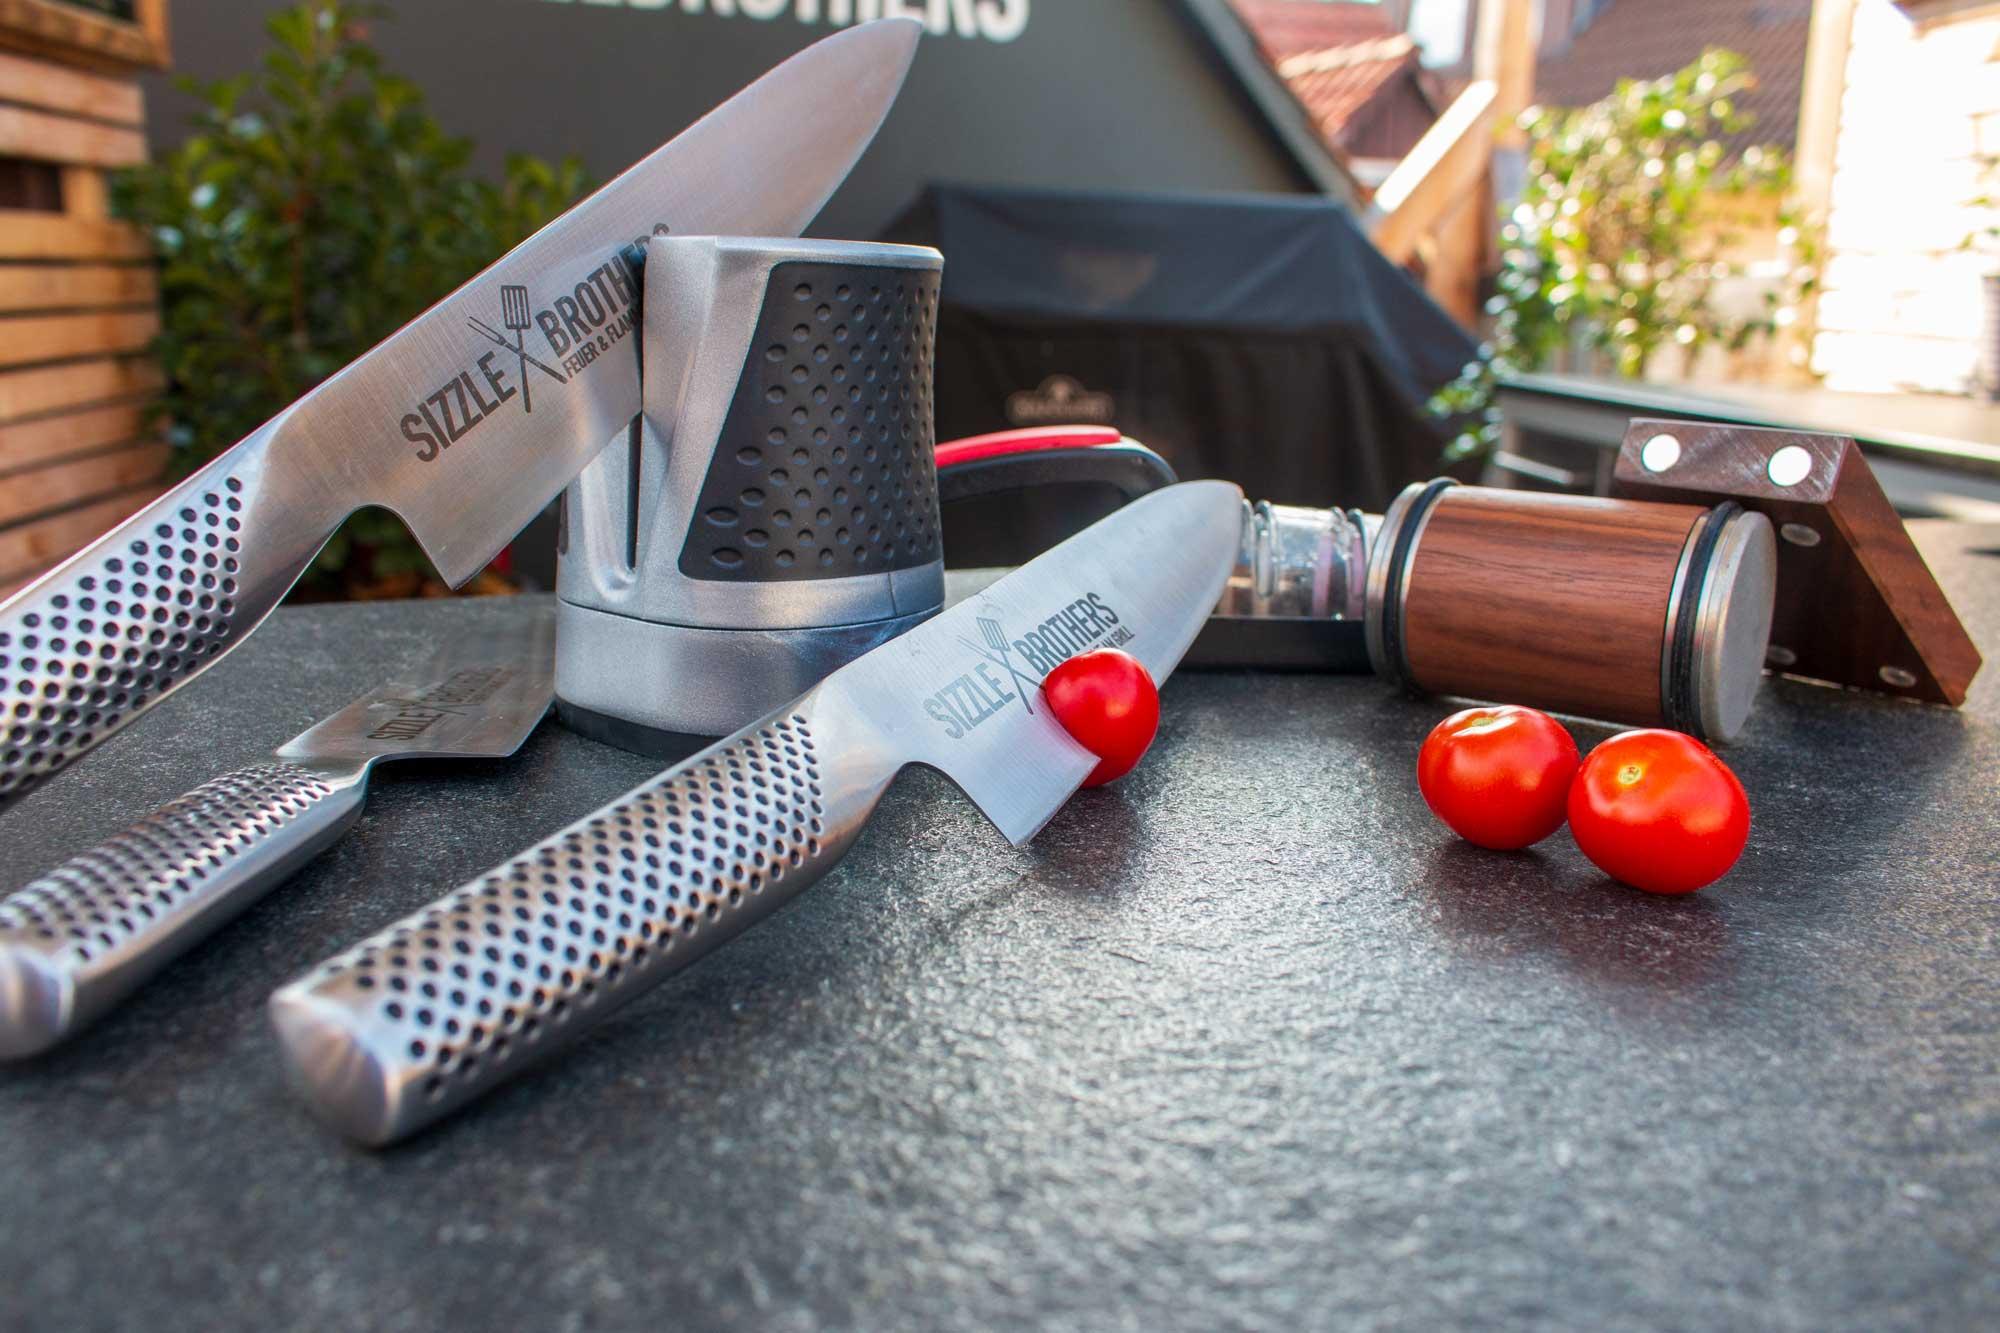 Messer schärfen leicht gemacht – Mit diesen Tools werden die Messer richtig scharf!